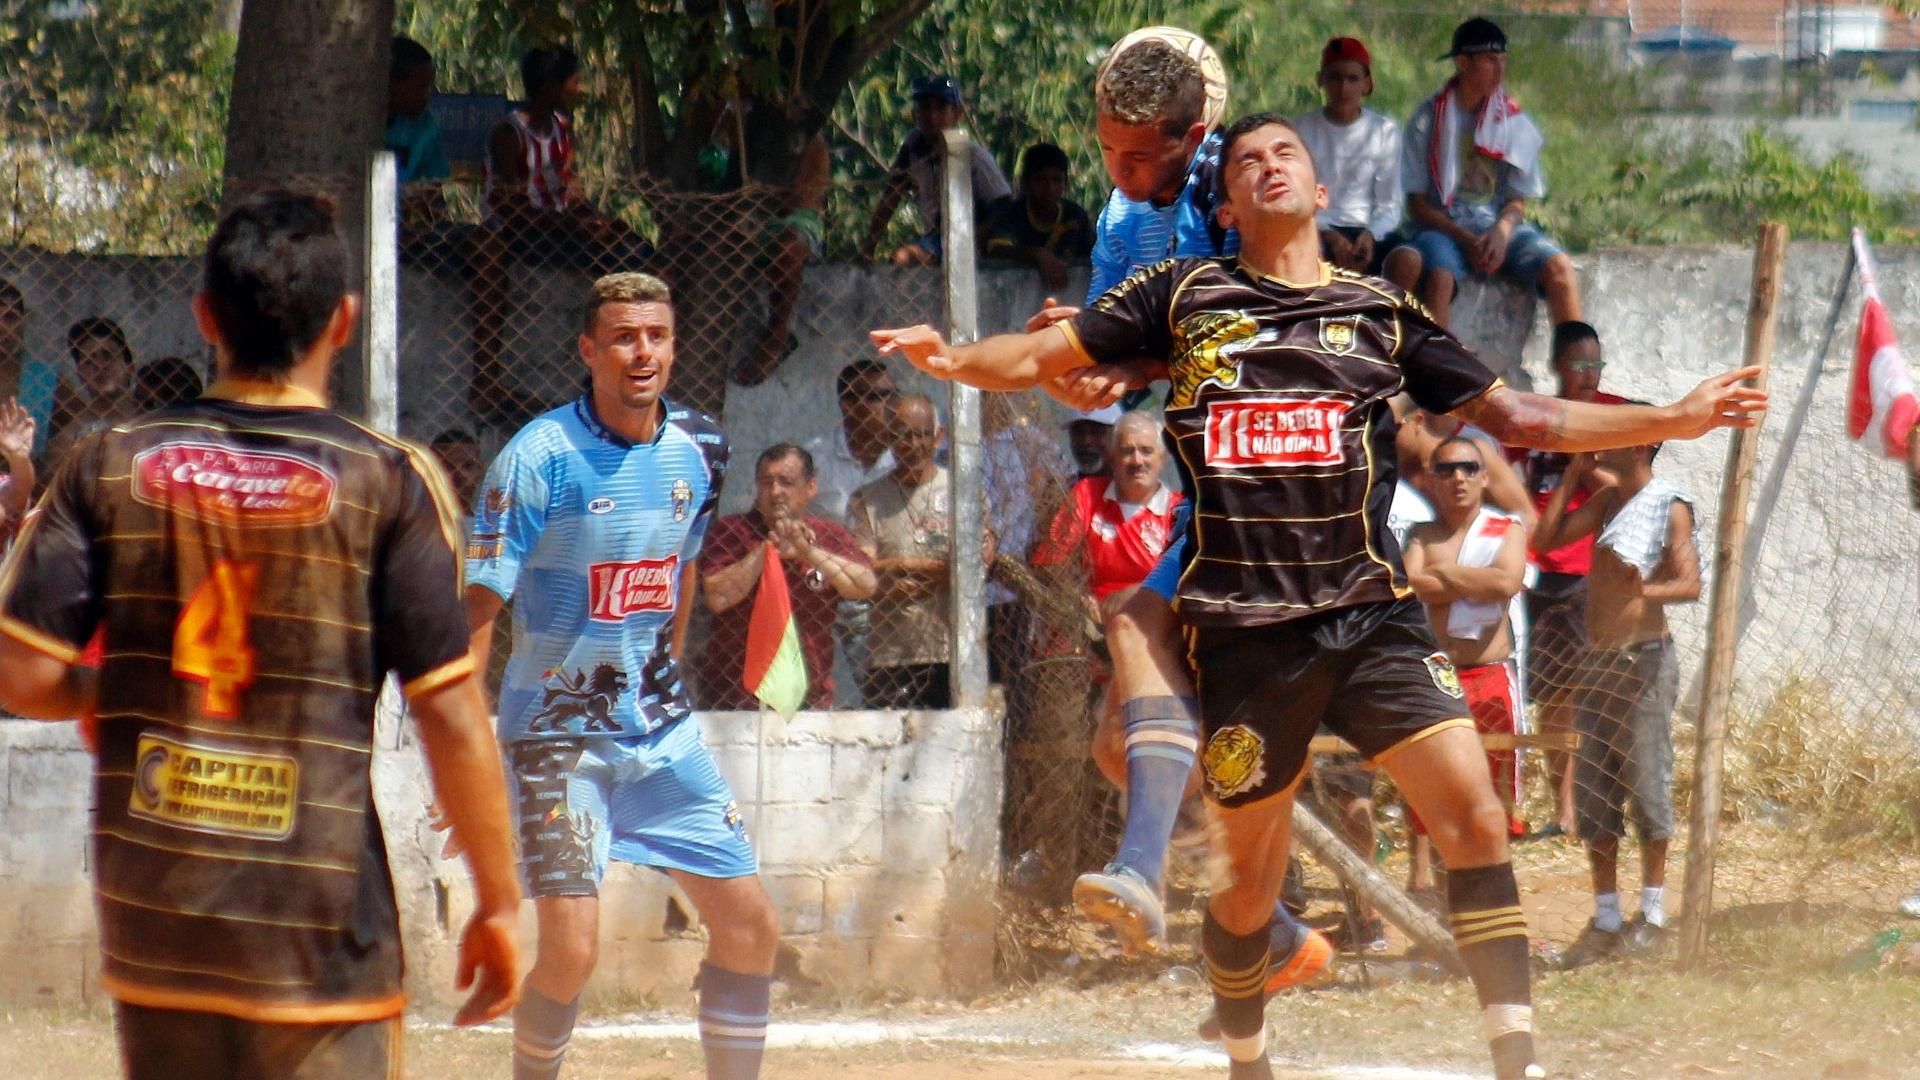 XI Garotos (de preto) enfrentou o Fumaça neste último domingo pela série B da Copa Kaiser SP